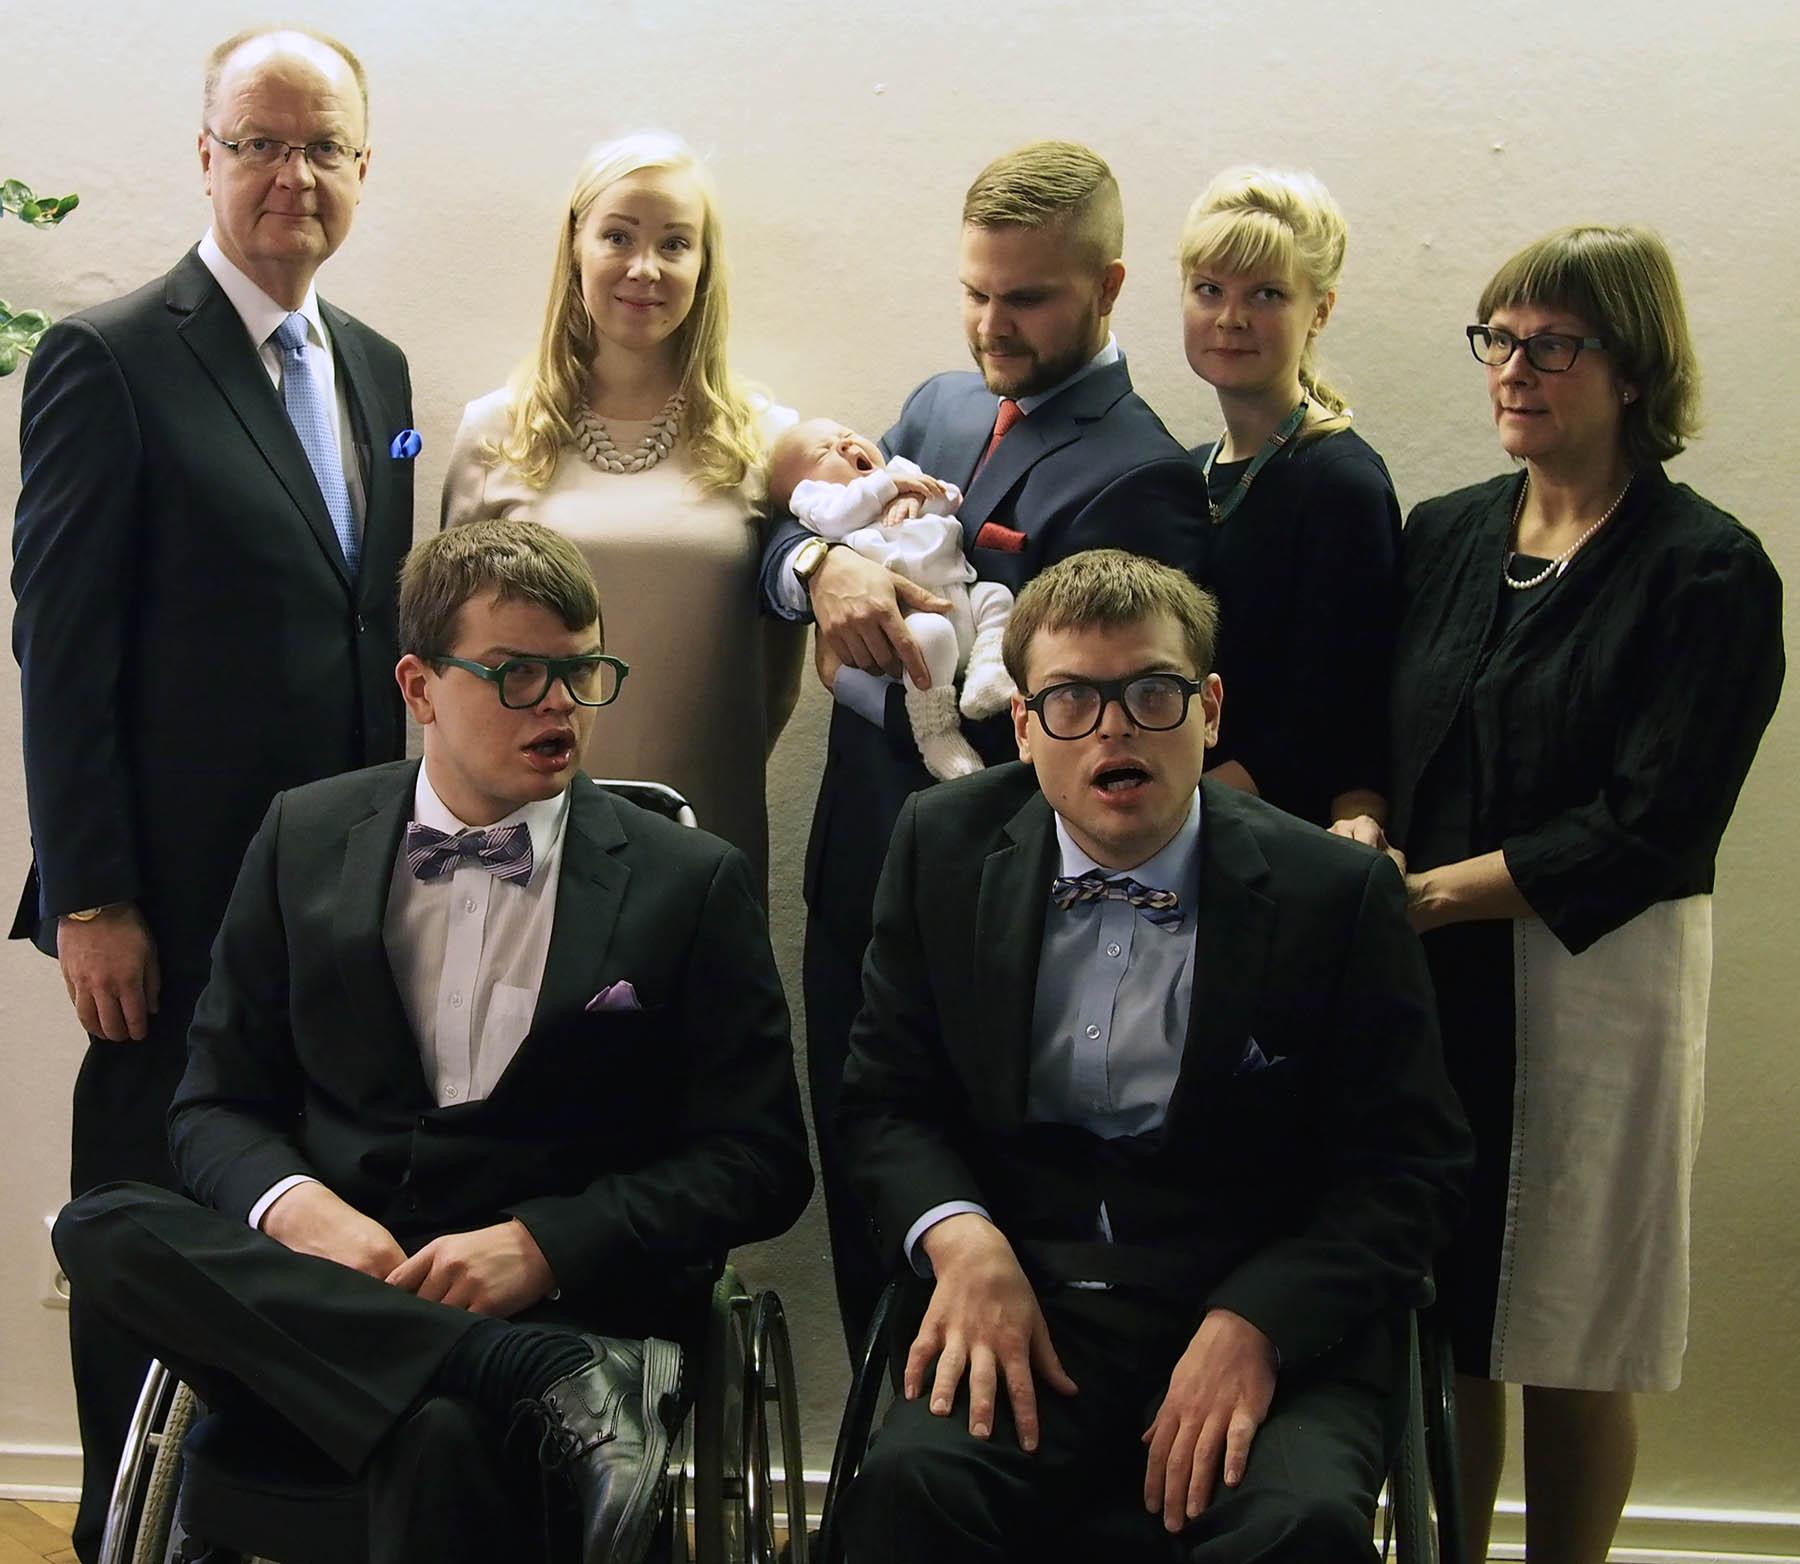 Perhepotretti kuvattiin ensimmäisen lapsenlapsen, Liljan, ristiäisissä helmikuussa 2015. Kuvassa edessä Robin (vas.) ja Markus, takana Jyrki (vas.), Rasmuksen puoliso Sara, Rasmus ja Lilja, Martina ja Marianne.